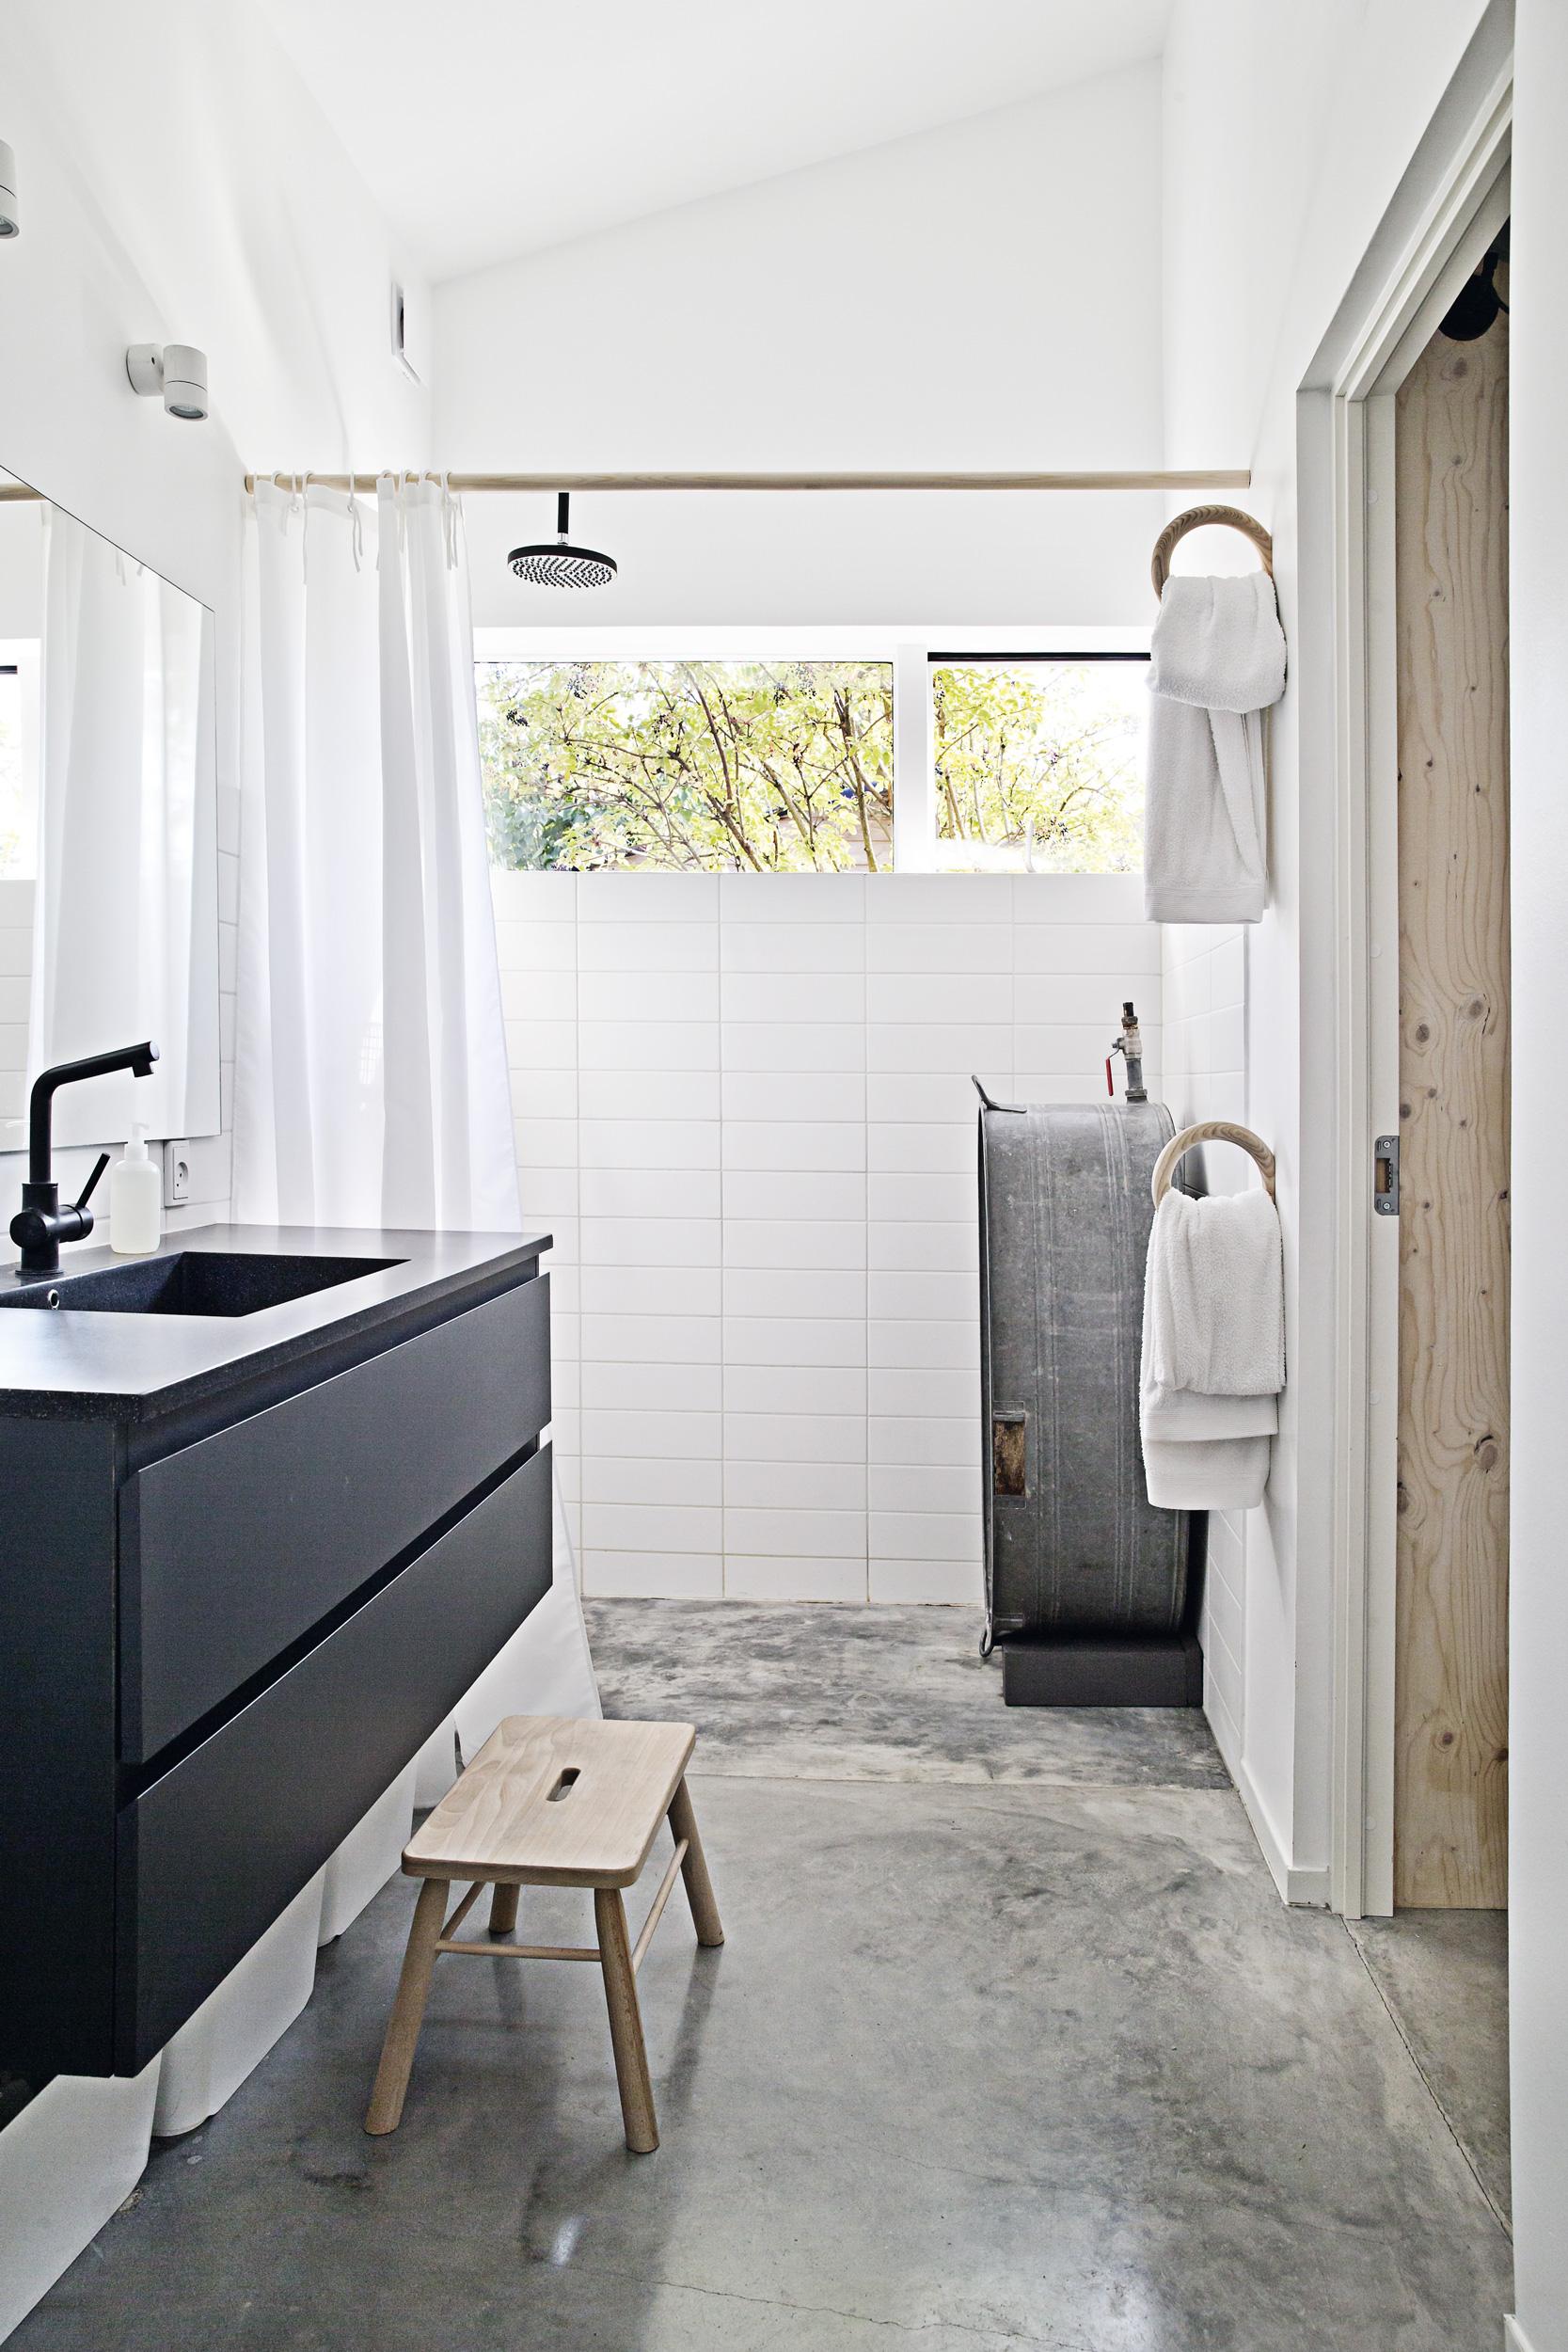 inloopkast als doorgang naar de badkamer inrichting huis